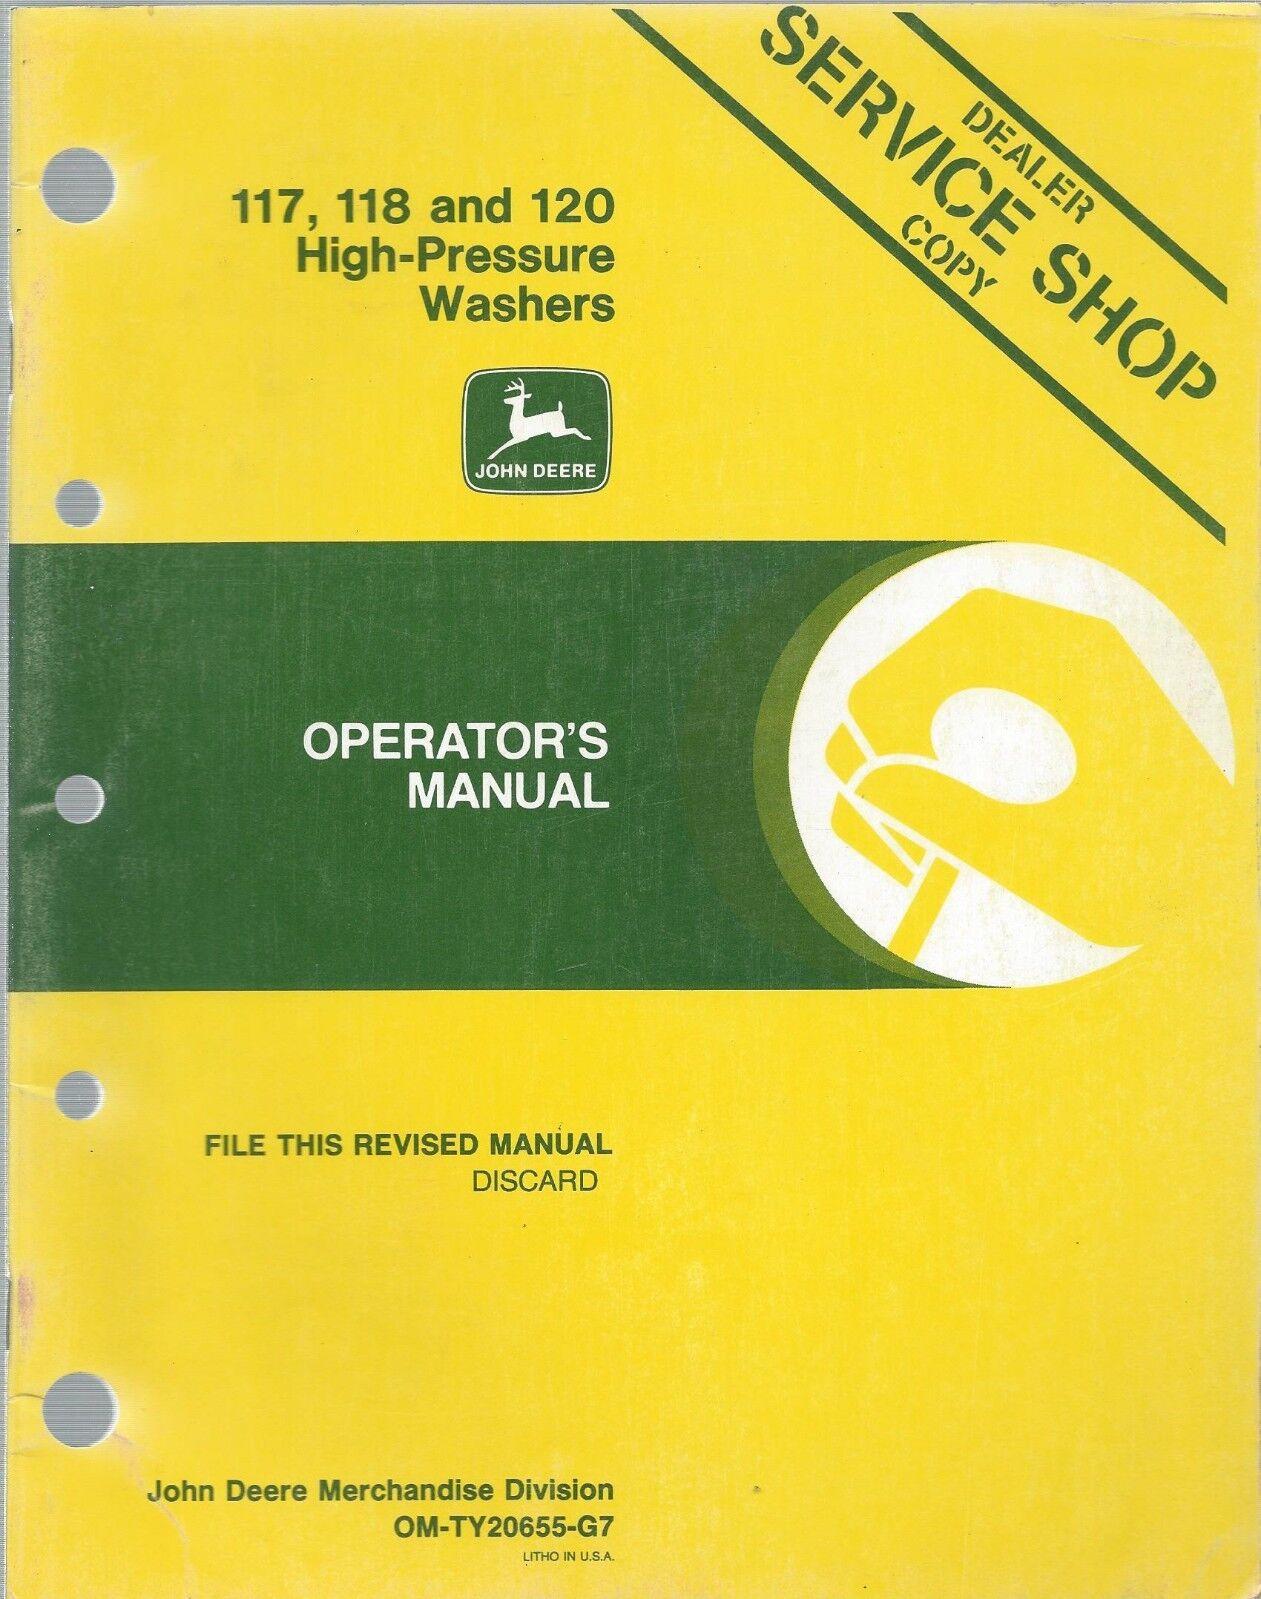 John Deere 117 118 120 High Pressure Washer Operator Manual Om-ty20655 G7 |  eBay